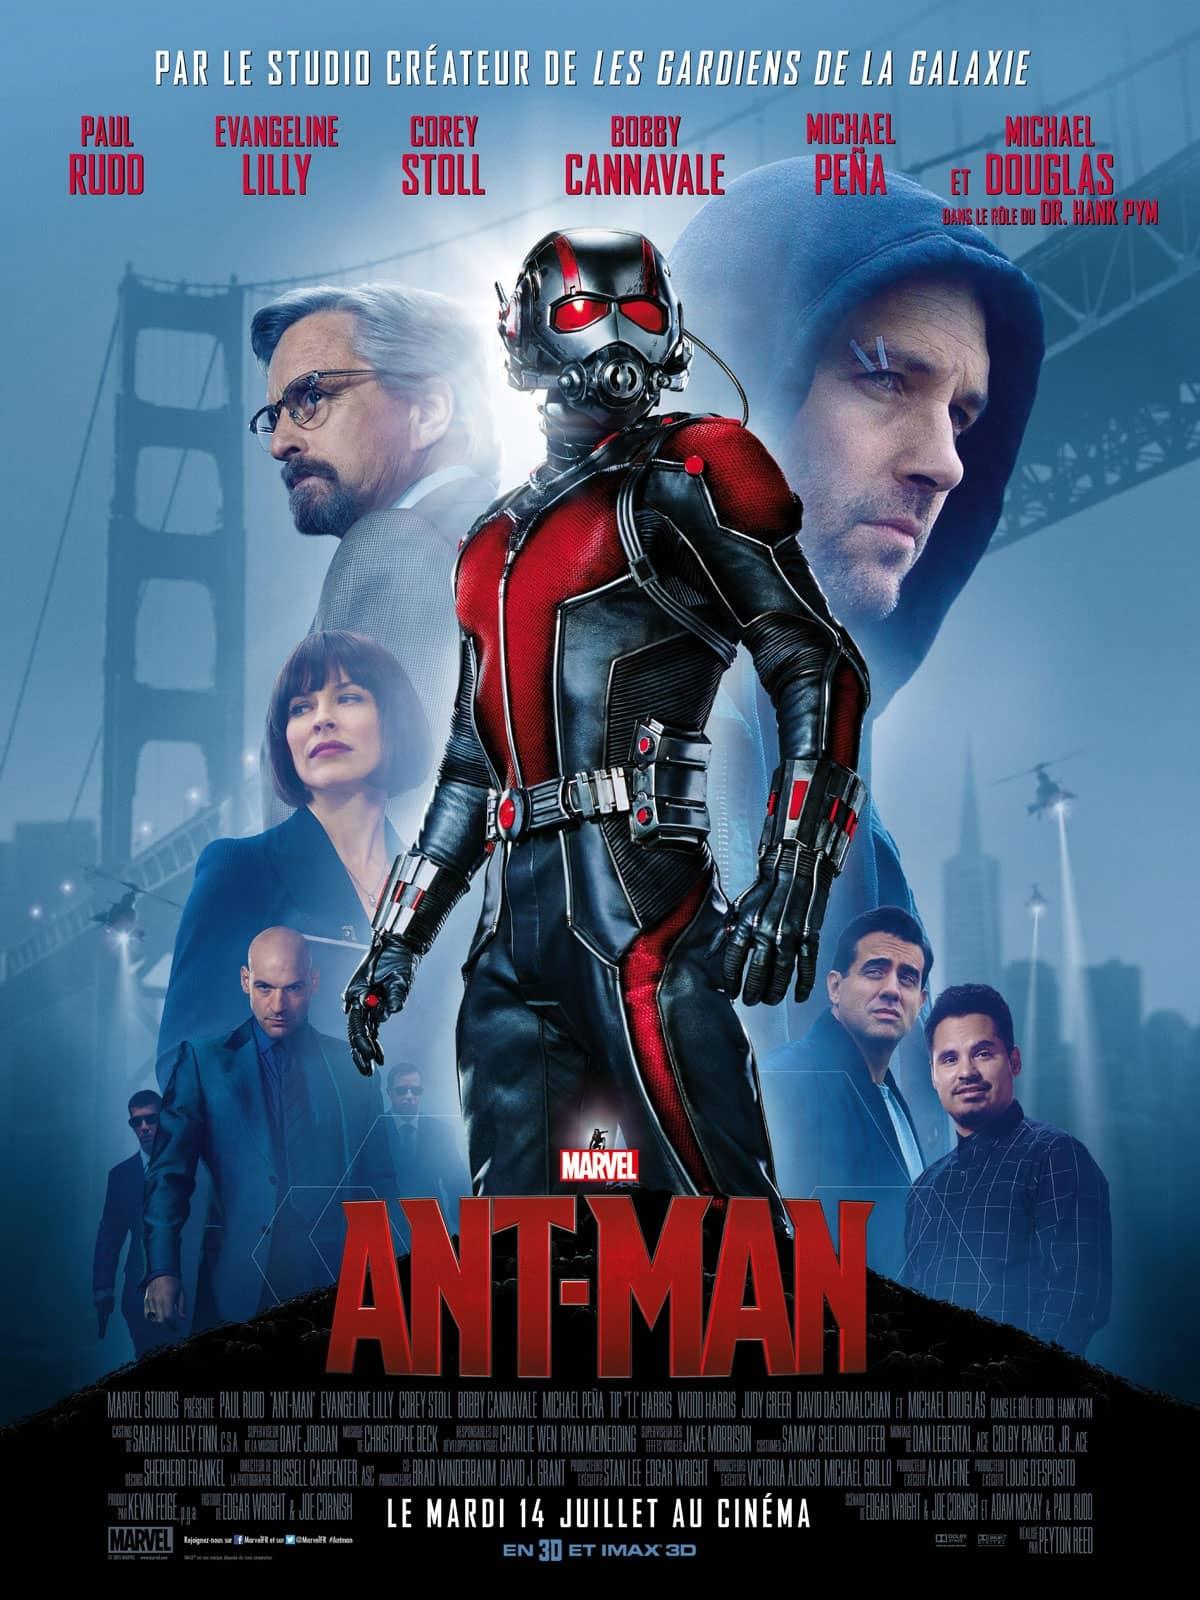 L'affiche de Ant-Man